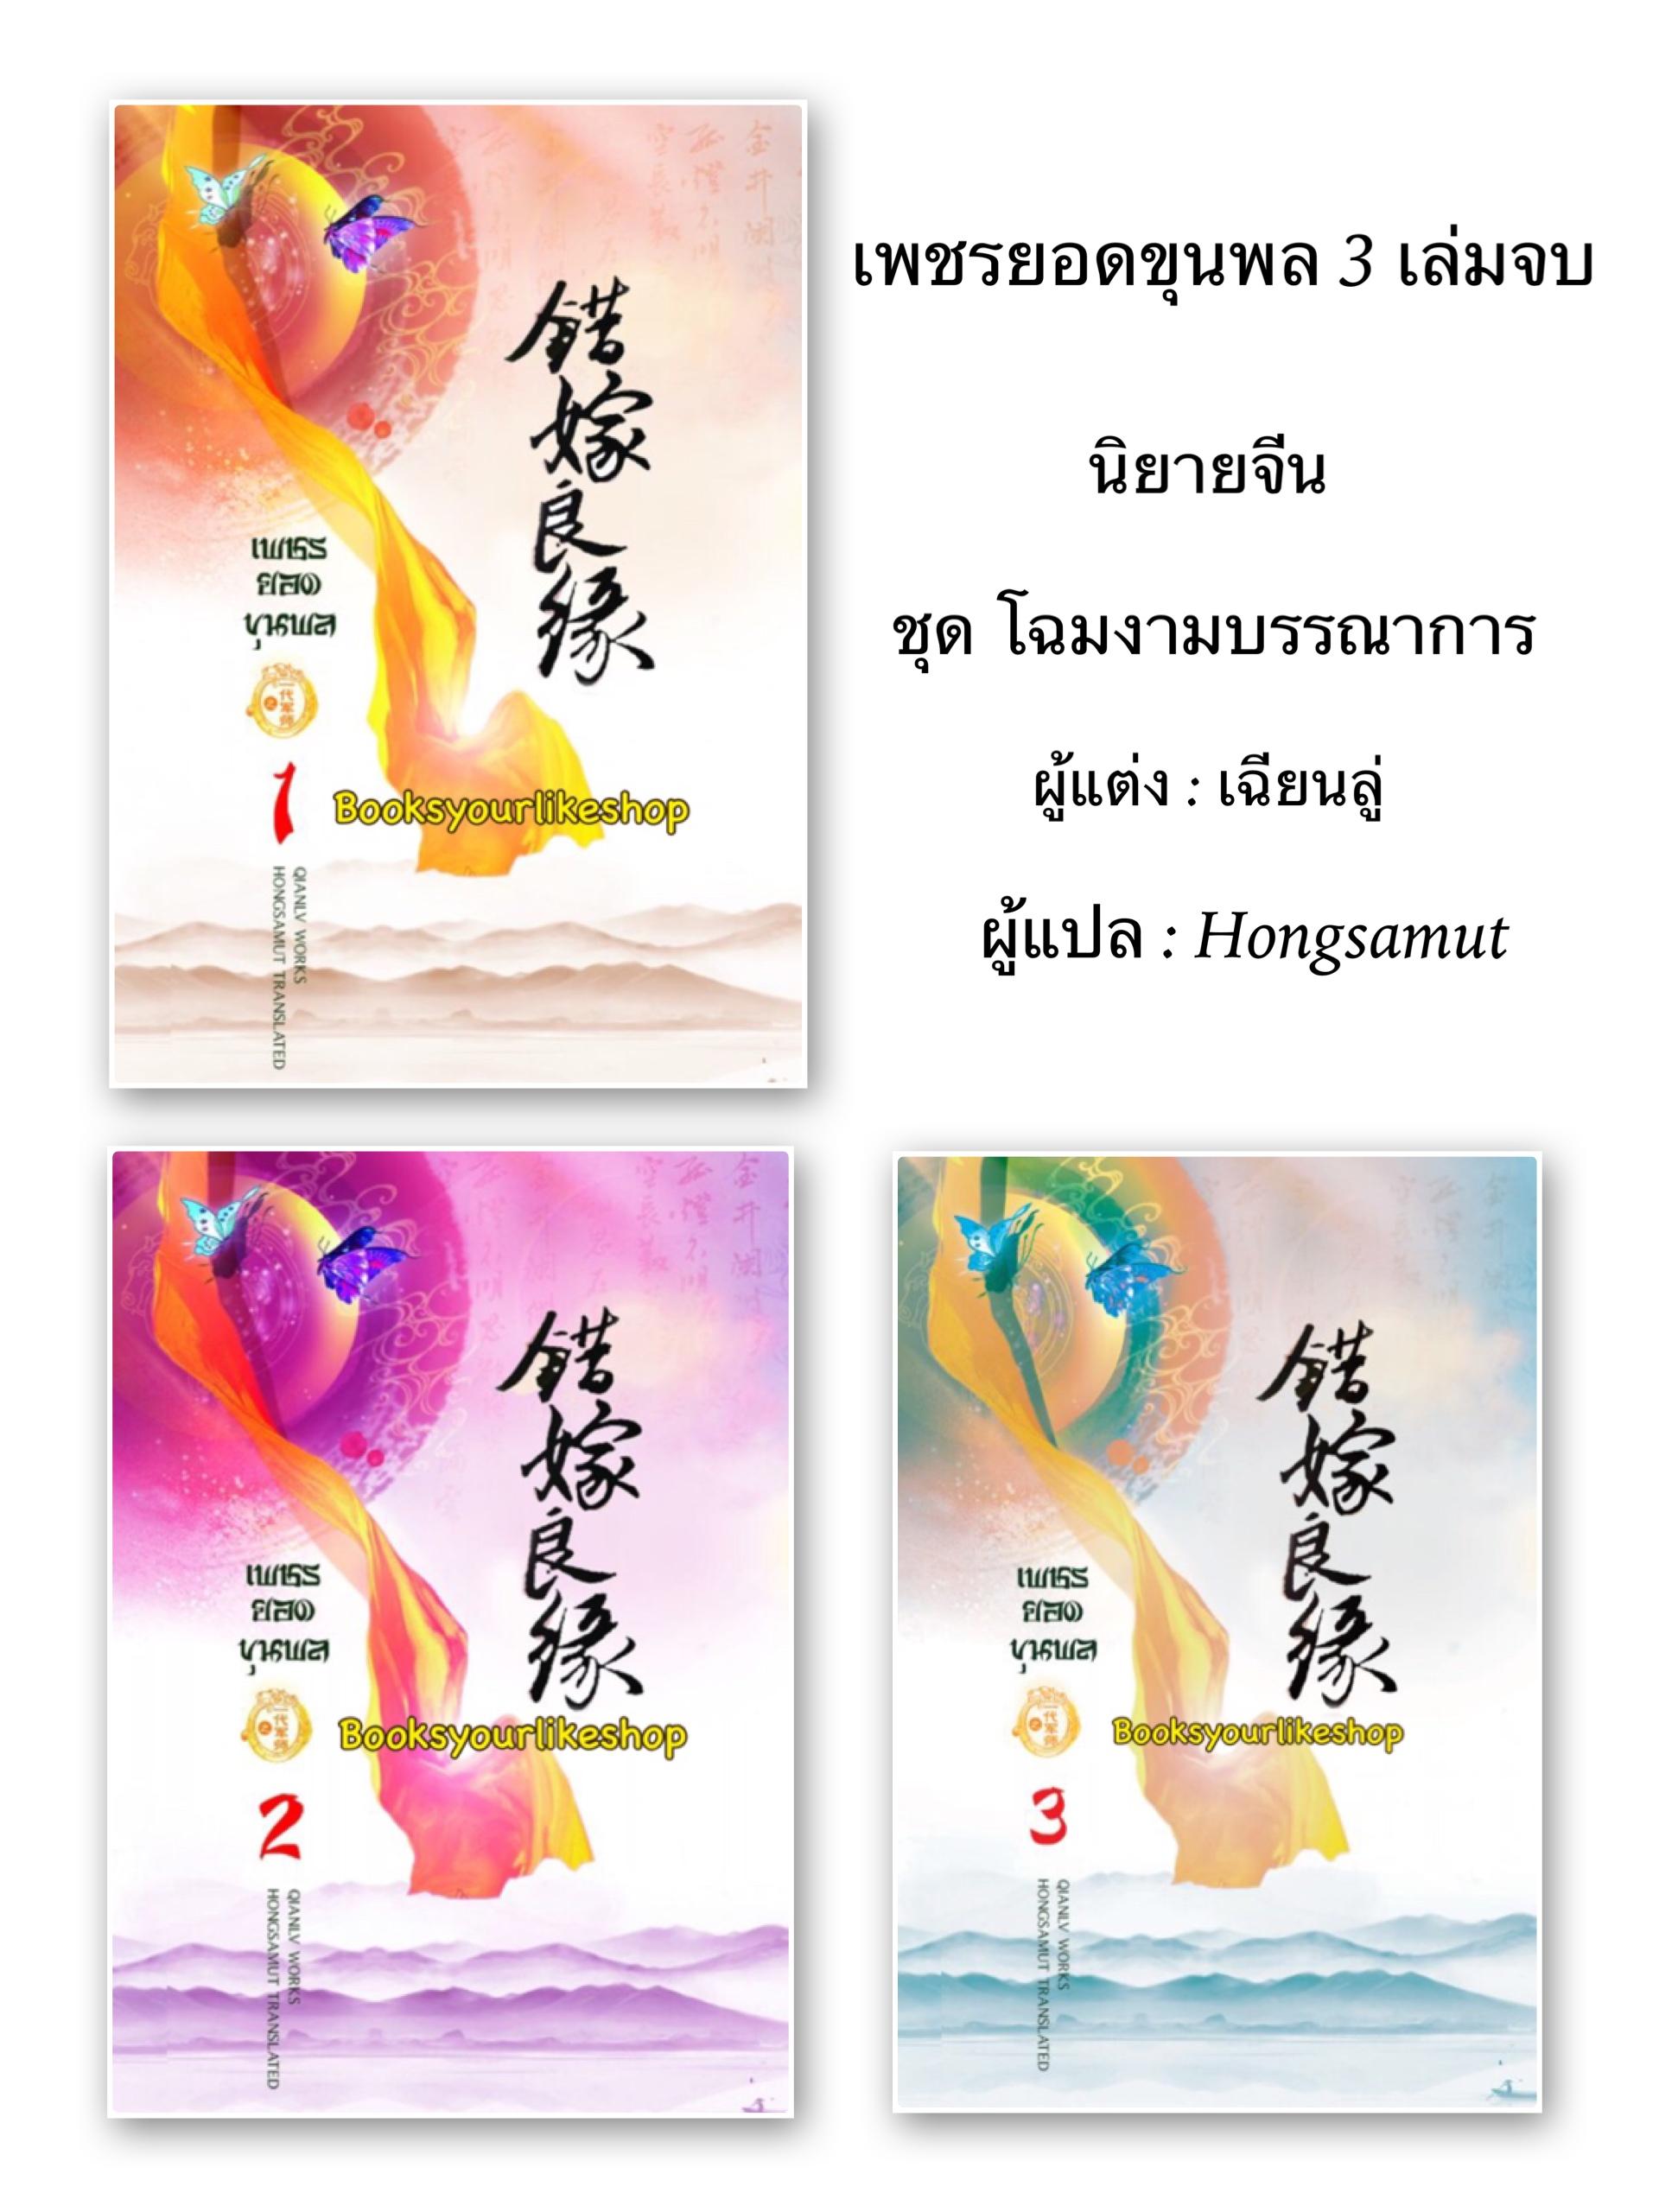 เพชรยอดขุนพล 3 เล่มจบ โฉมนางบรรณาการ ปกอ่อน / เฉียนลู่ แต่ง, hongsamut แปล